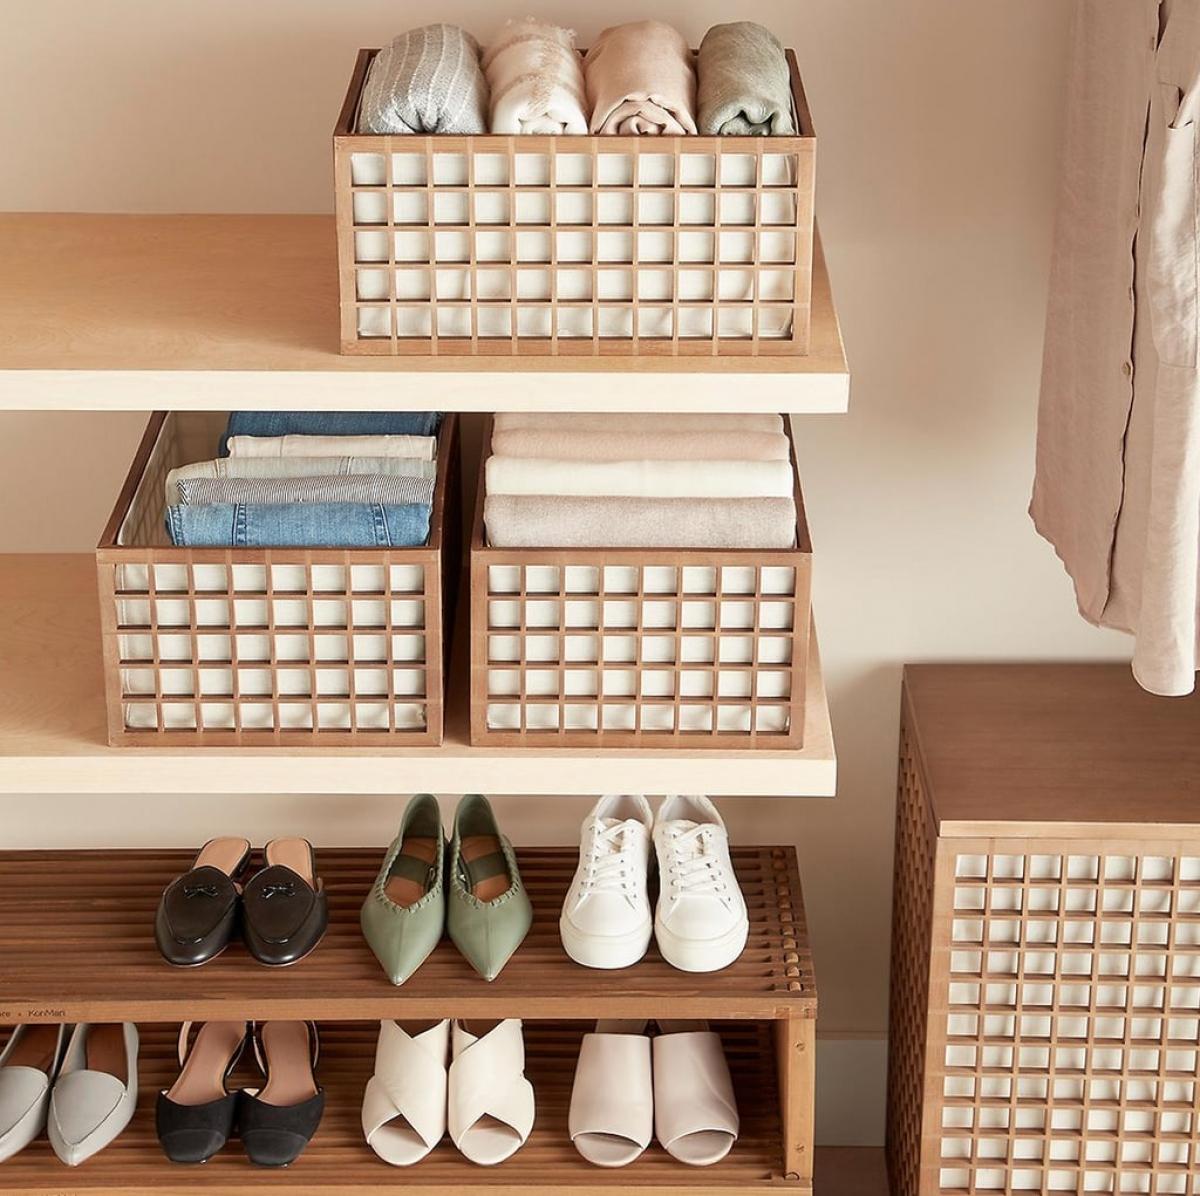 Những chiếc hộp, giỏ cũng là vật dụng tiện lợi nếu bạn không muốn chia ngăn.